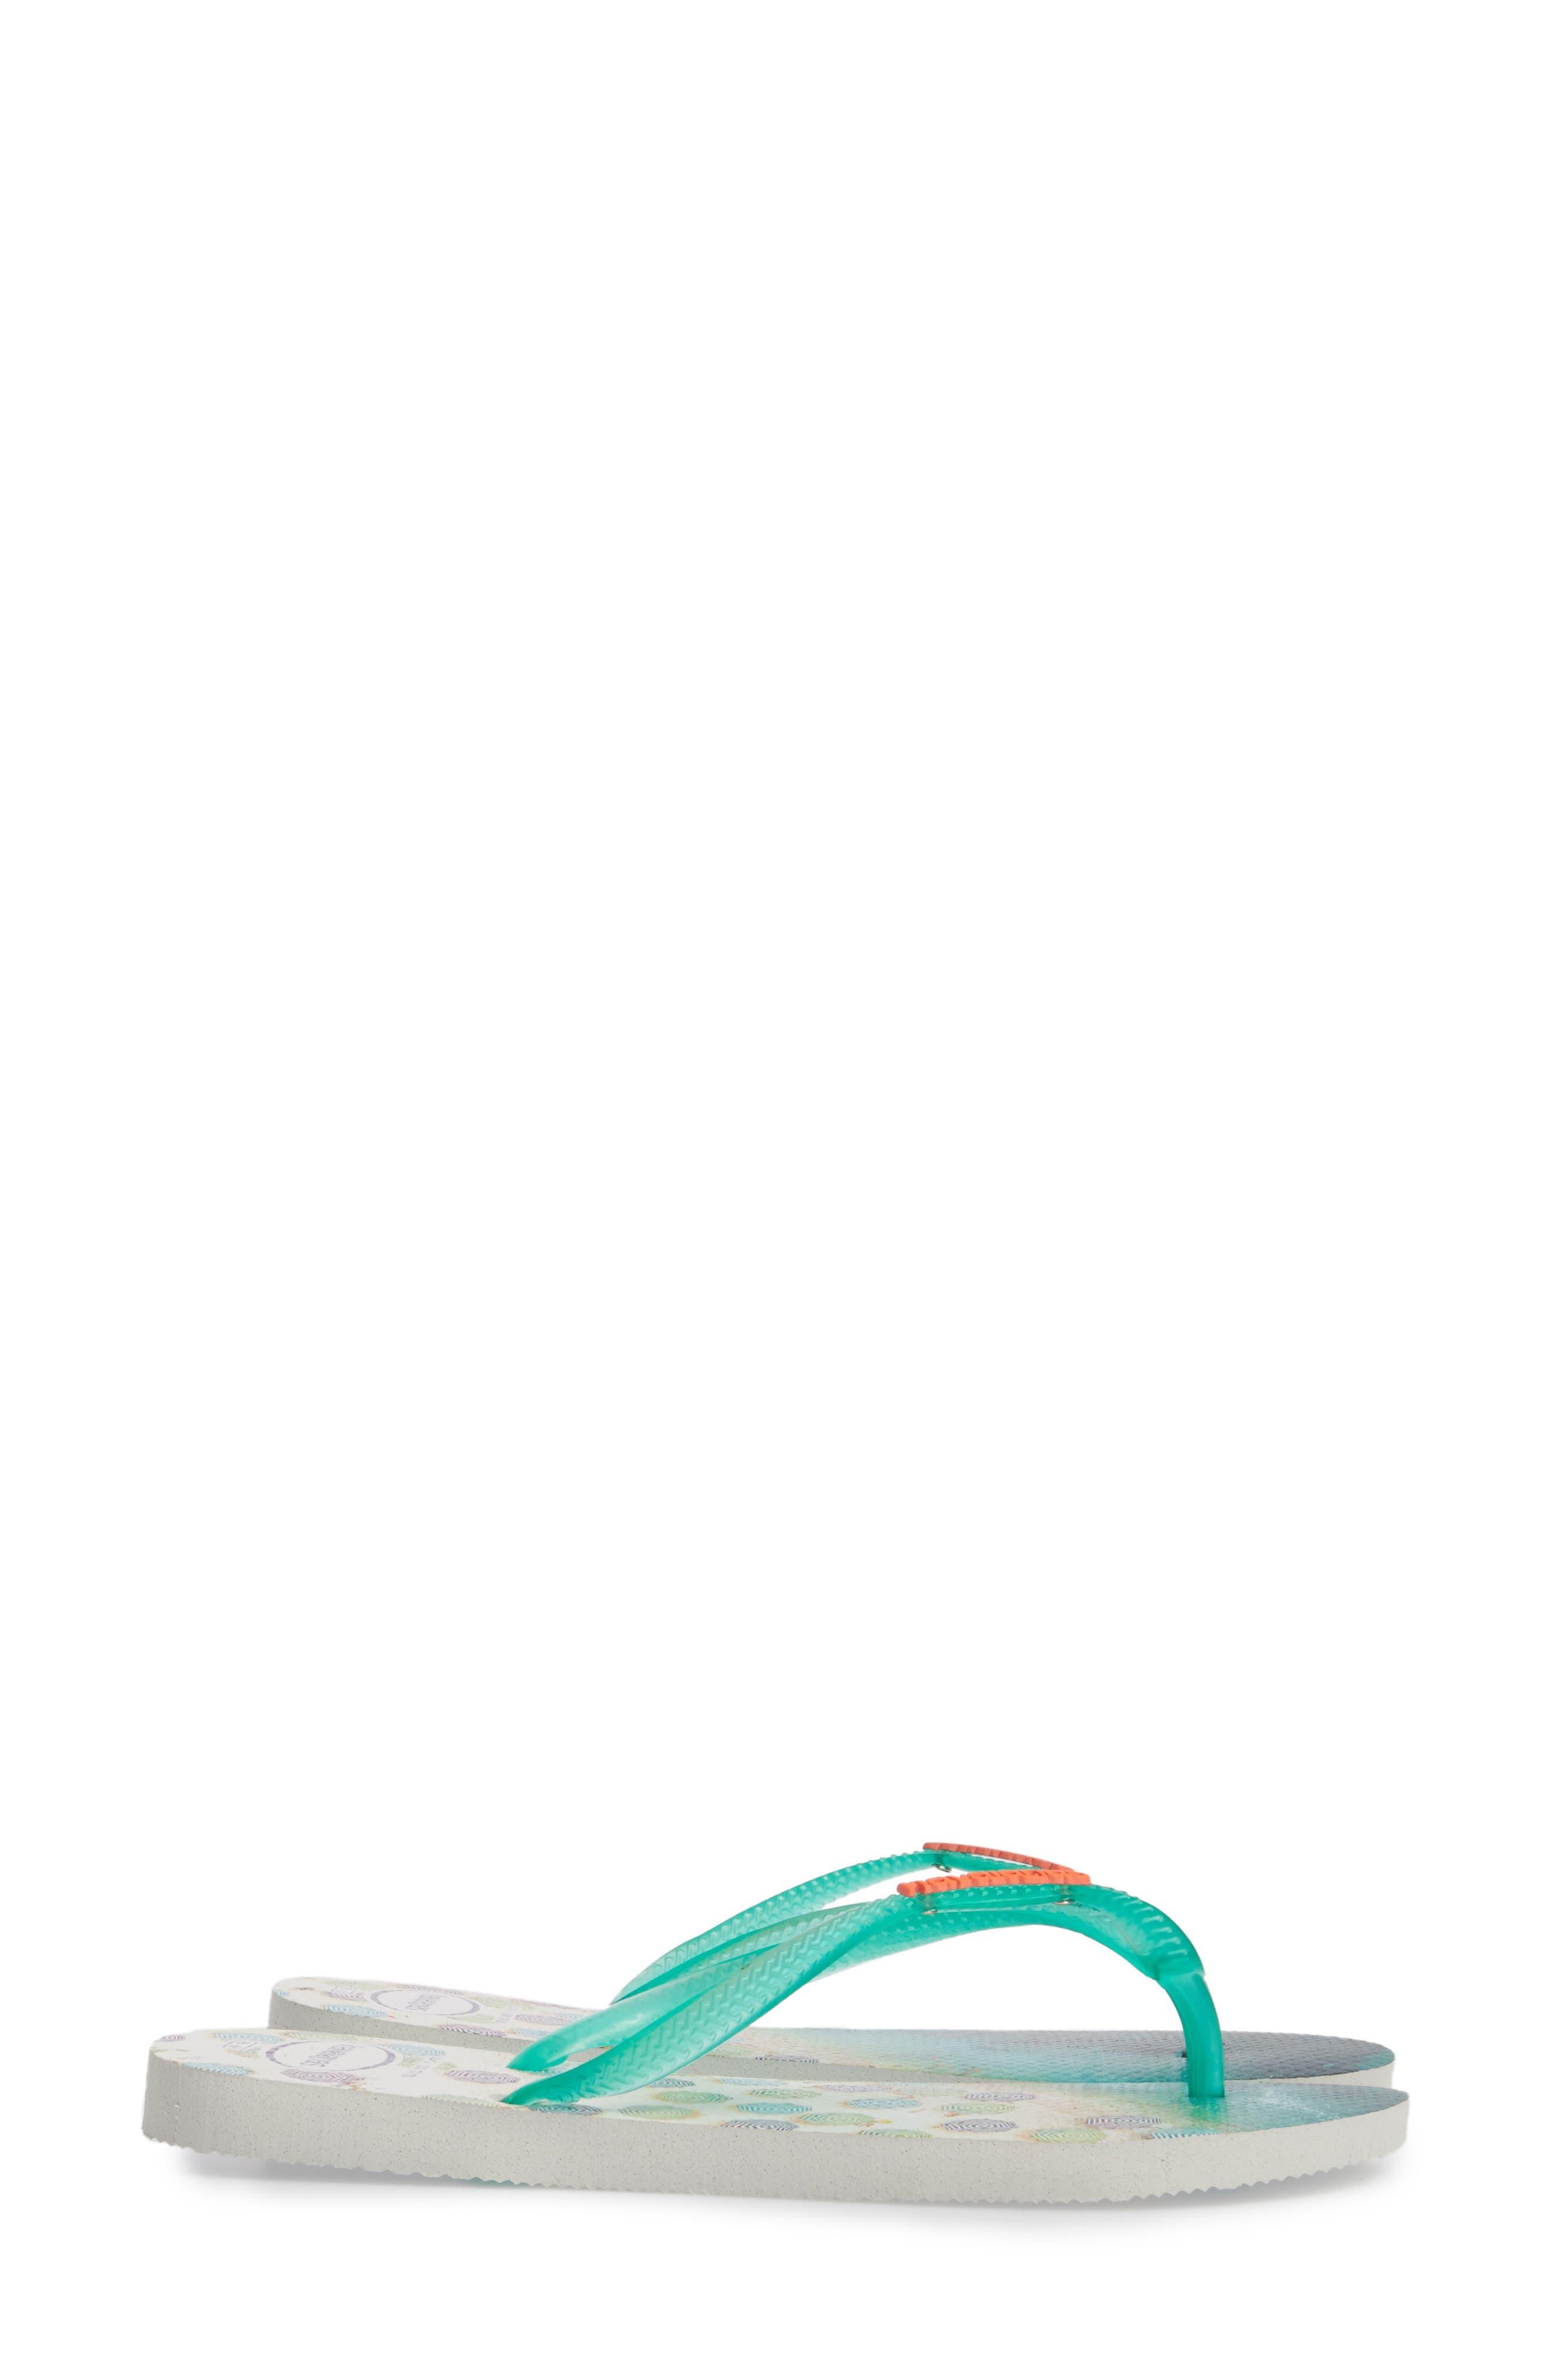 'Slim Paisage' Flip Flop,                             Alternate thumbnail 4, color,                             301